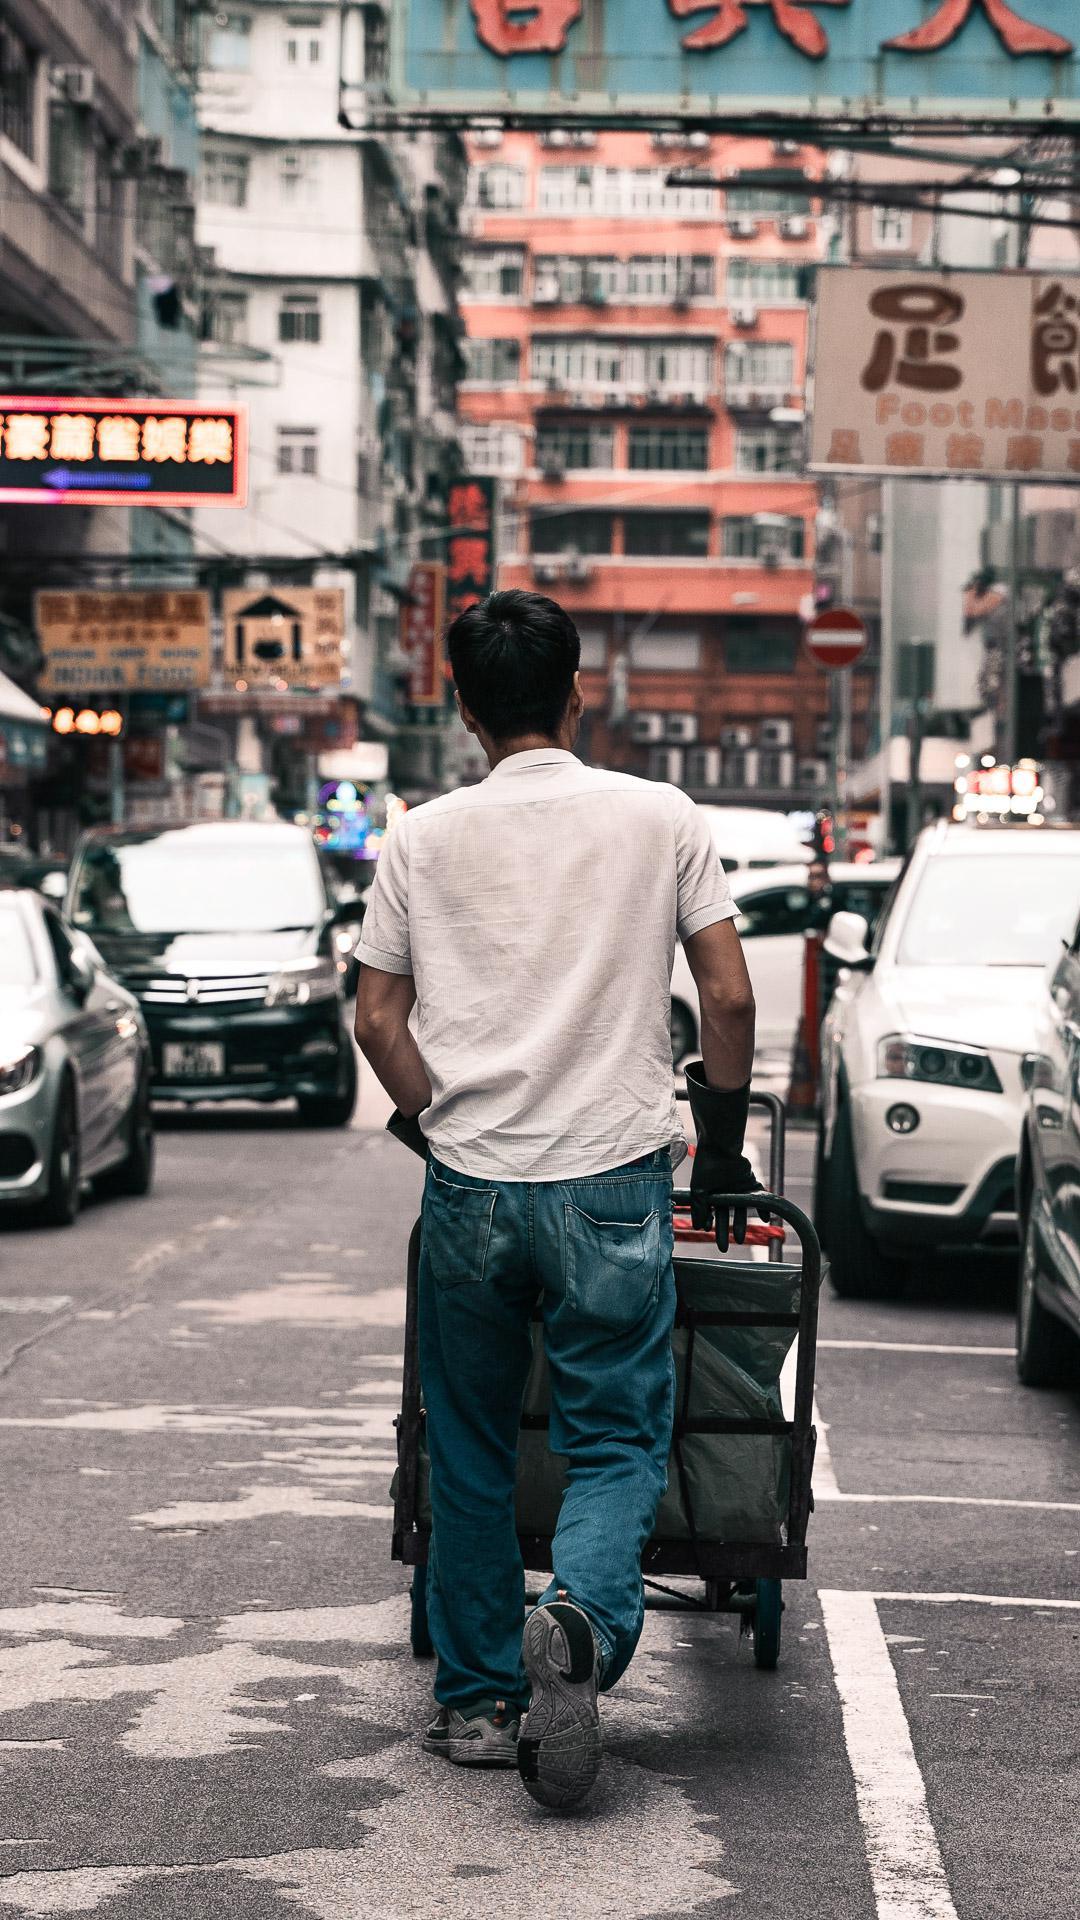 東京都 香港で撮影したものです。